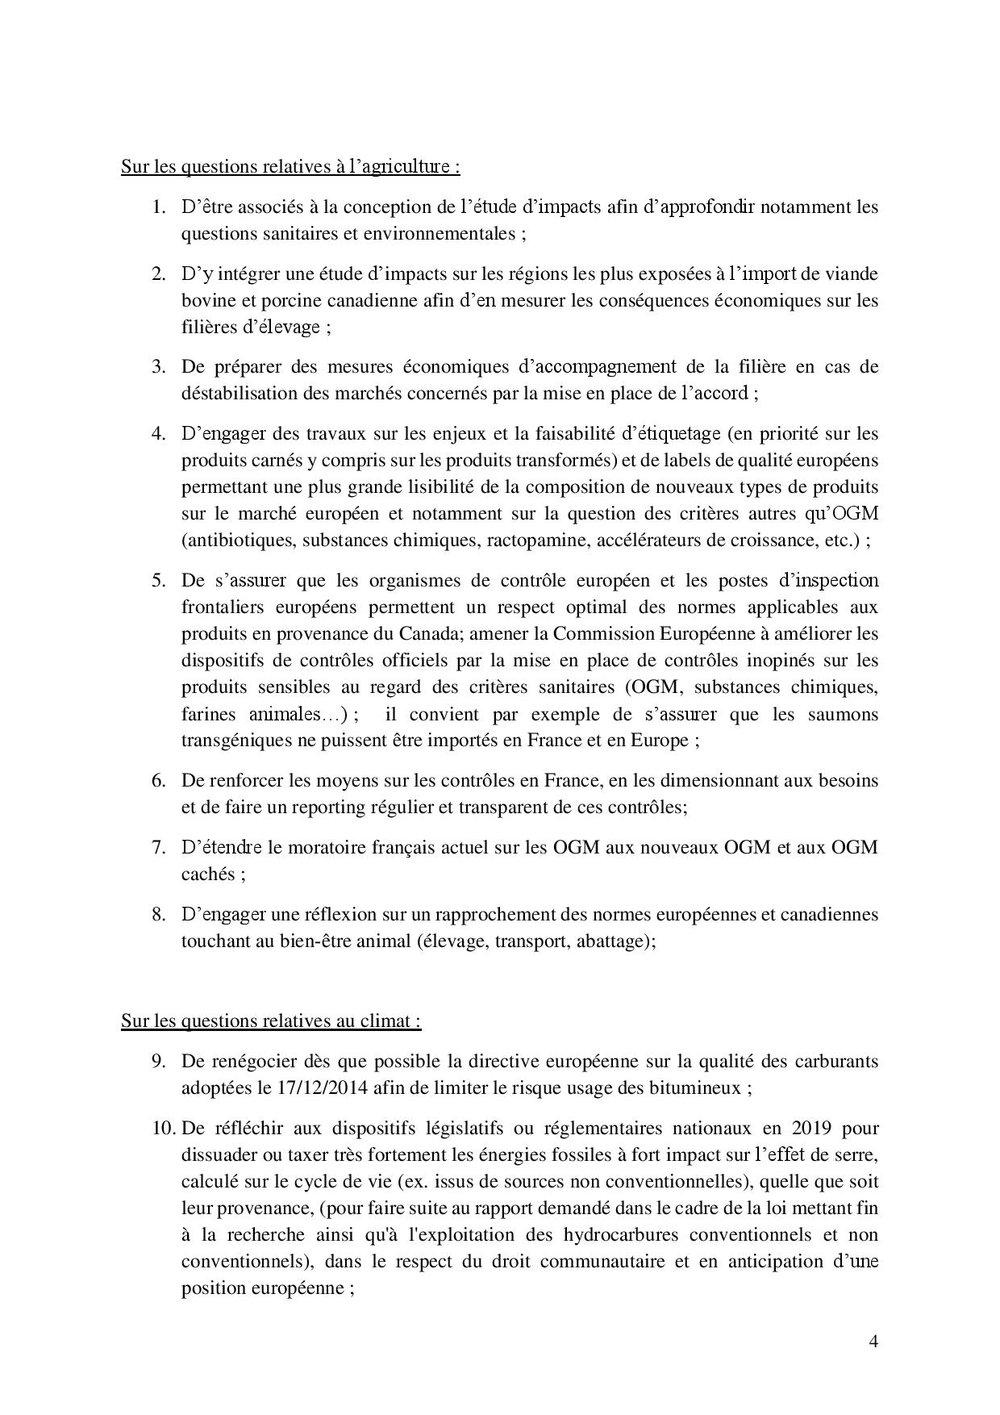 LettreREMCETAPM-page-004.jpg